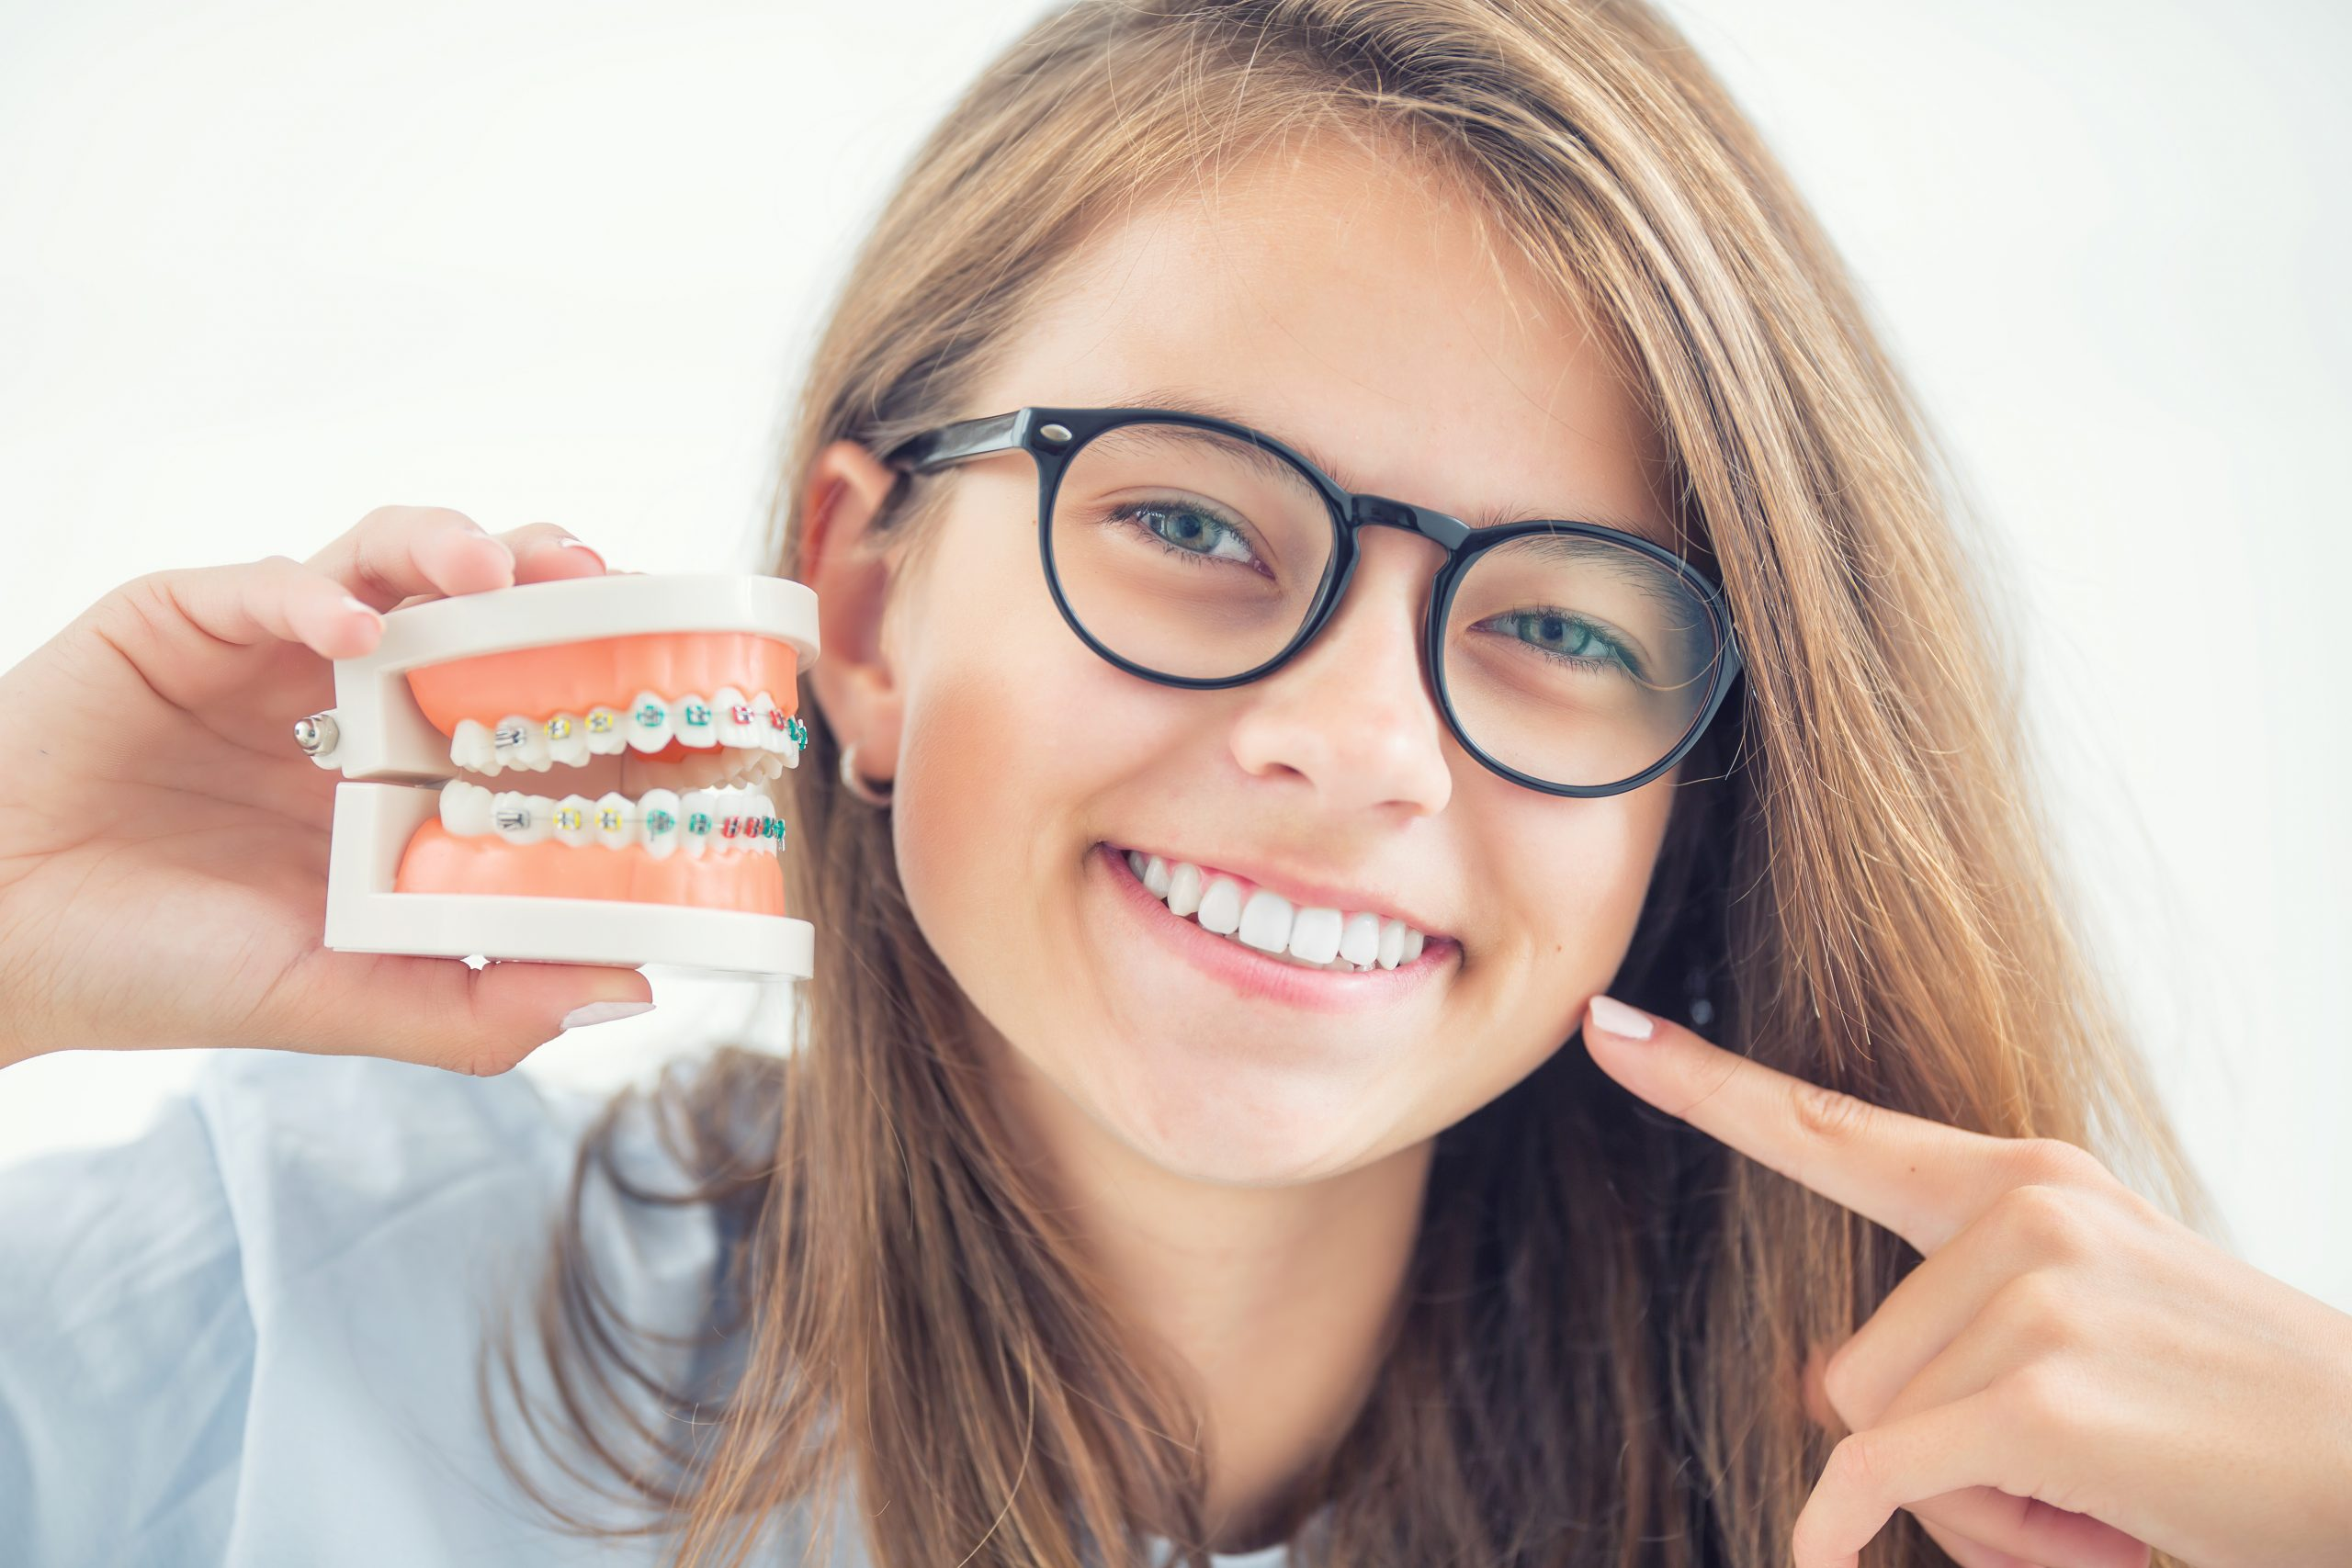 Arbeit mit Lächeln – Zahnmedizinischer Fachangestellter vs. Zahntechniker